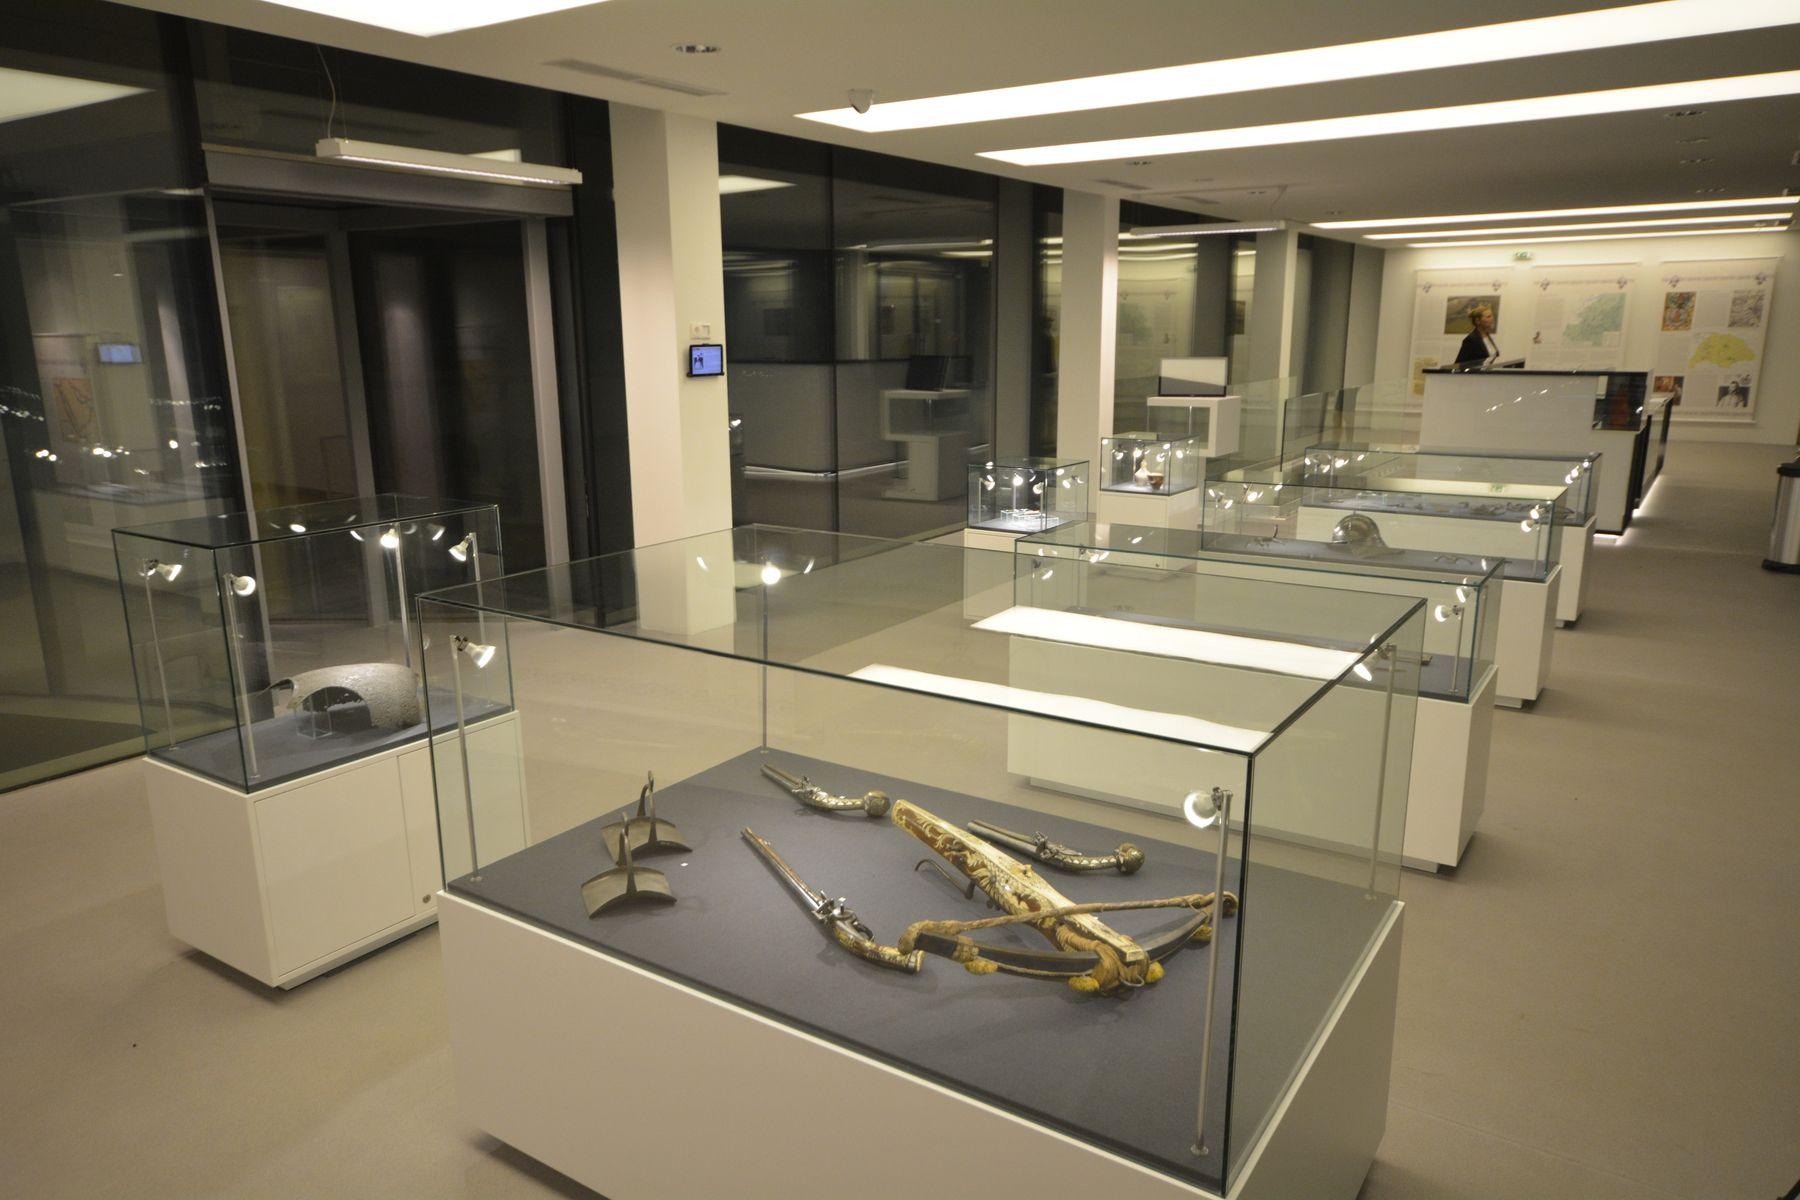 A hagyományos, vitrines kiállítótér, fegyverekkel, légkondicionált tárlókban.